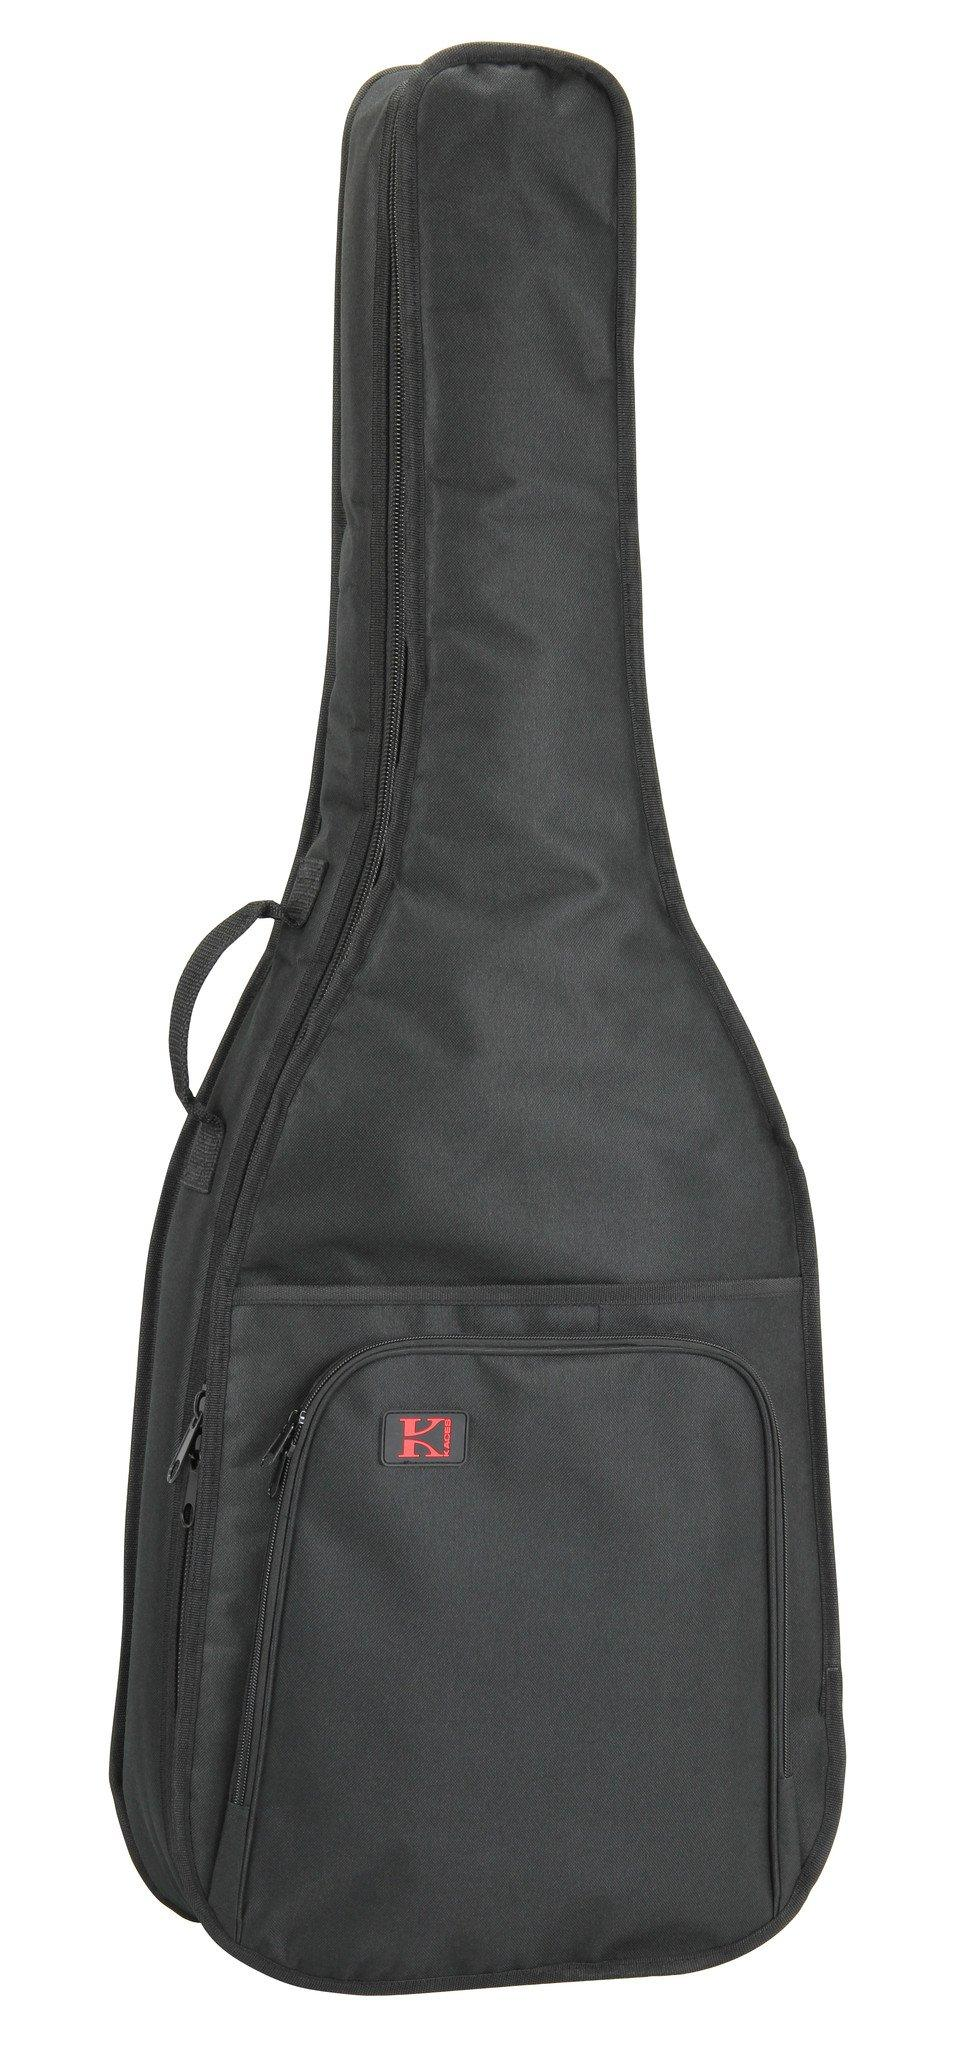 GigPak Classical Guitar Bag